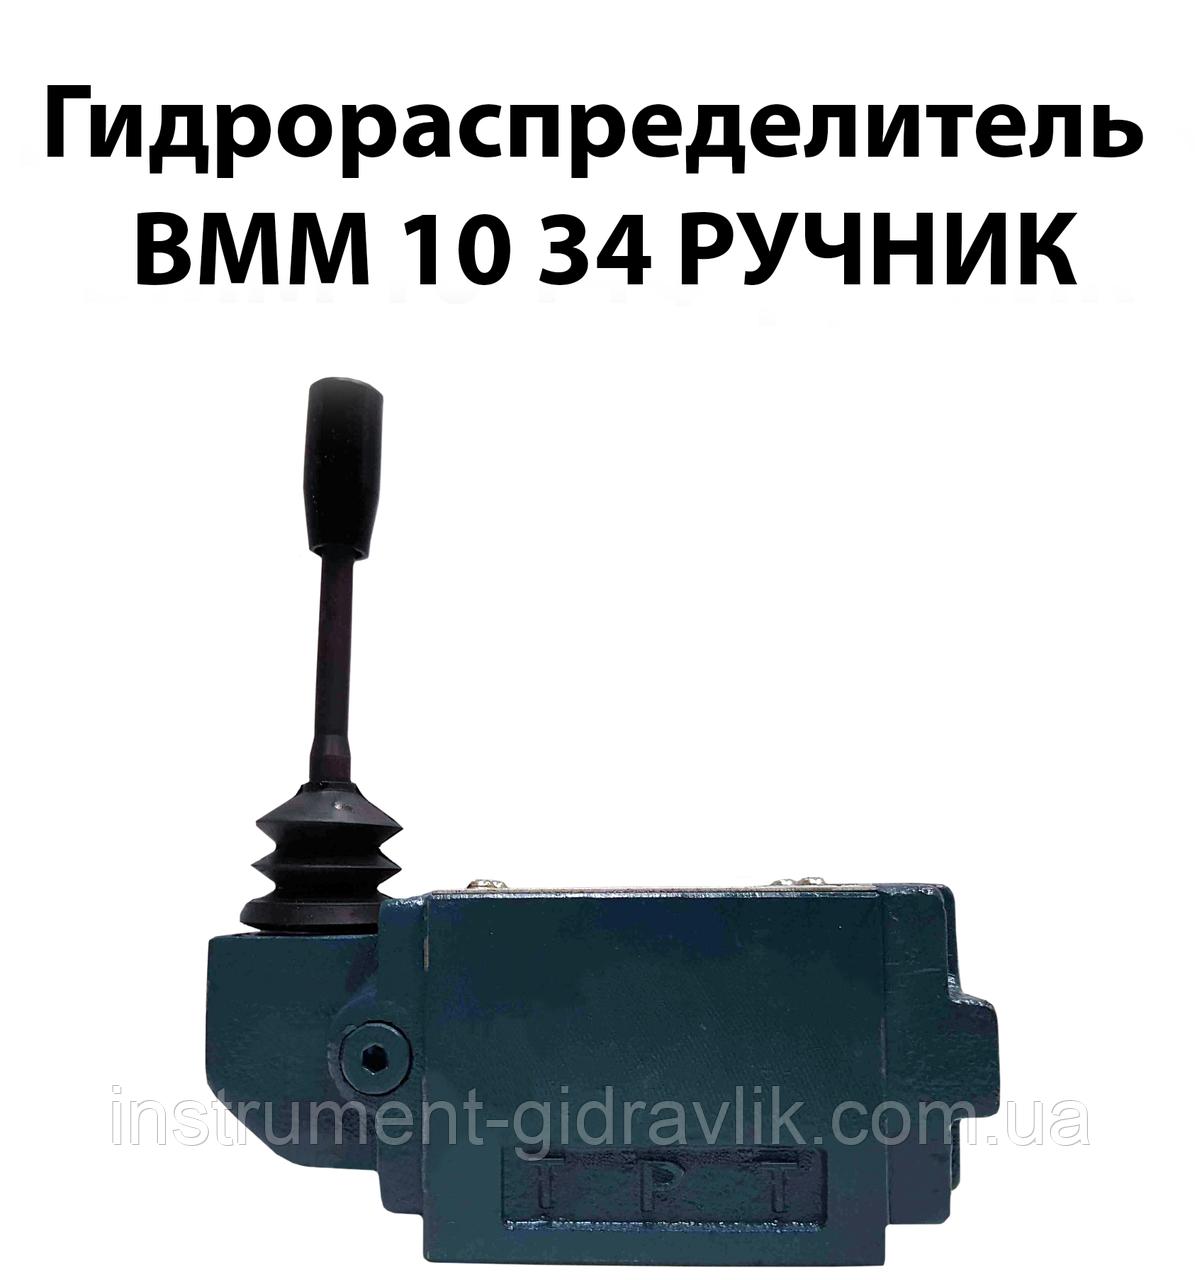 Гідророзподільник ВММ 10 34 ручник